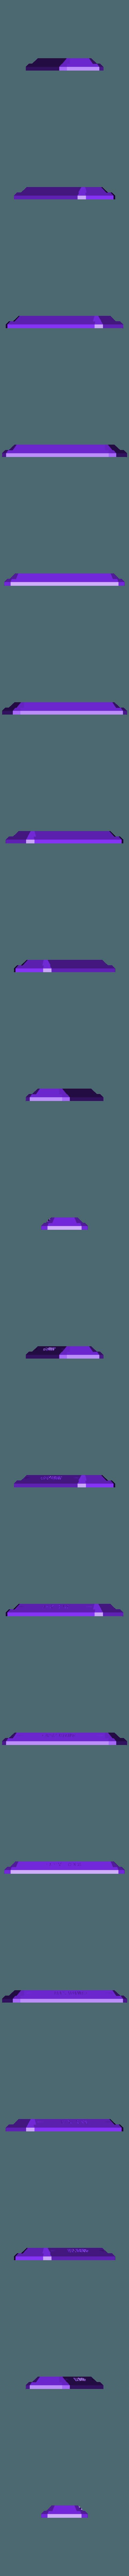 Pied.stl Télécharger fichier STL gratuit Apex Legends Logo with Stand • Design à imprimer en 3D, cedland